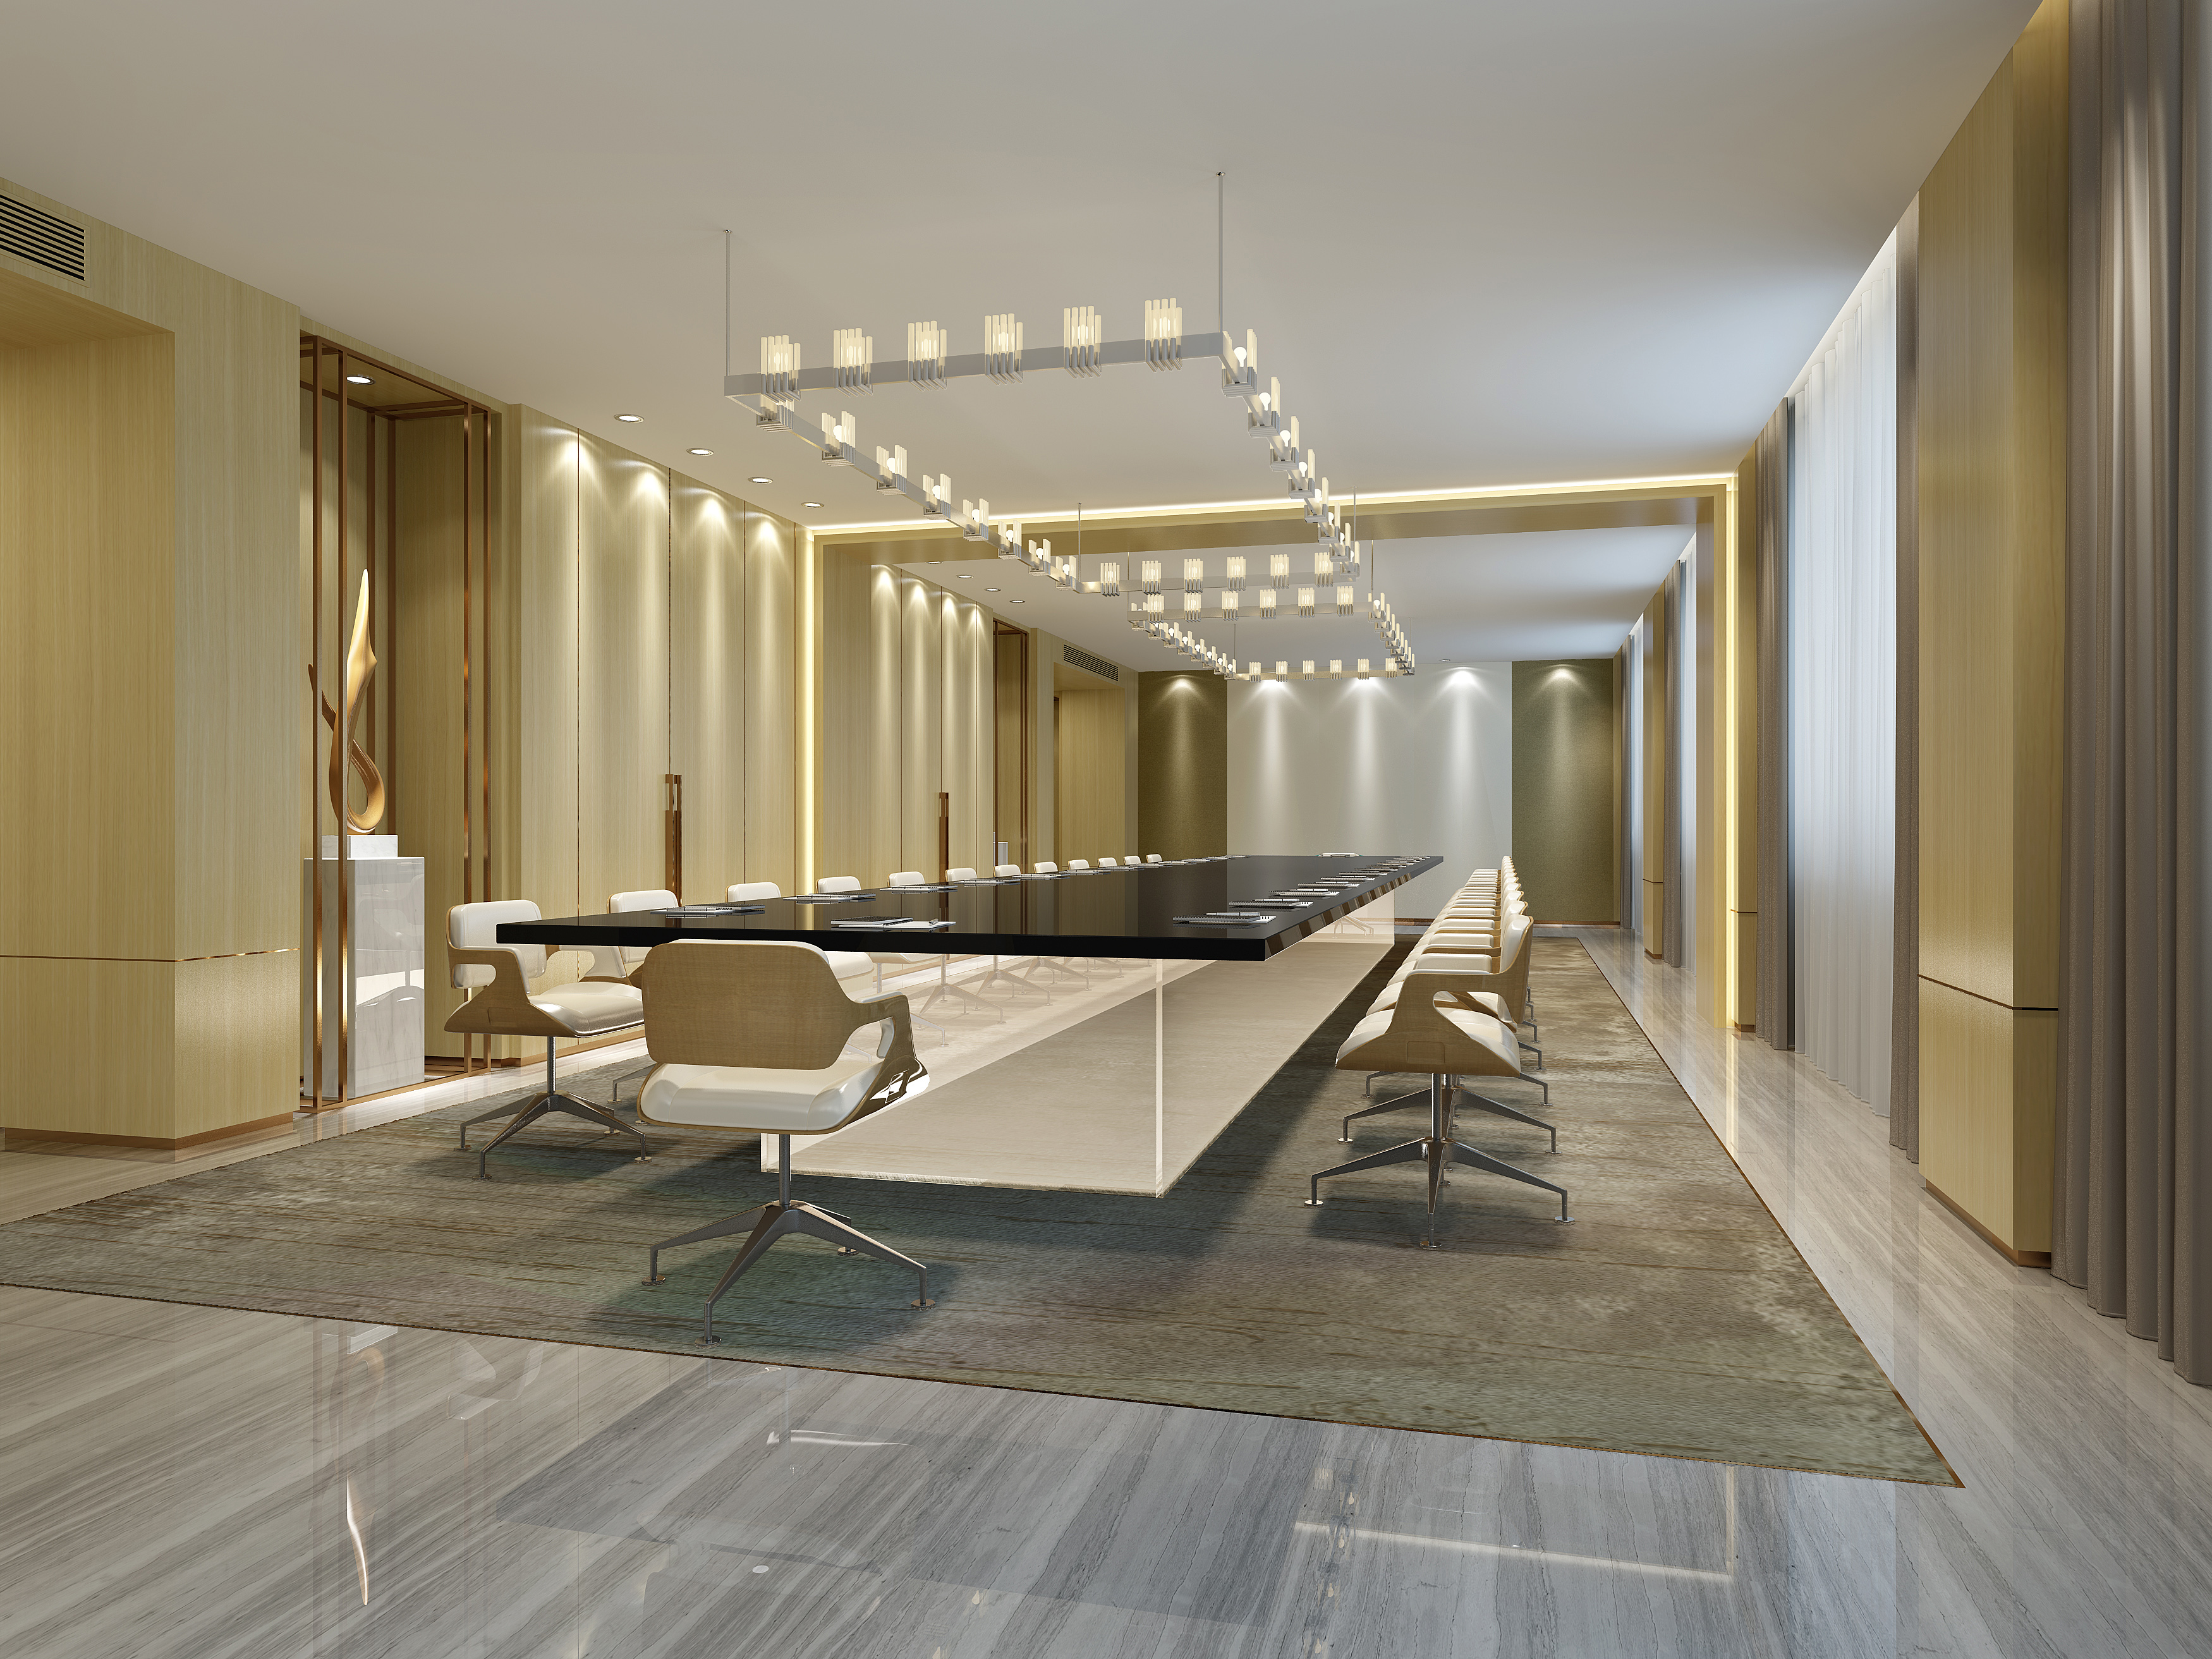 中式围桌 课桌式 剧院式 自助餐 讨论式 单u式 双u式 30桌 200人 350